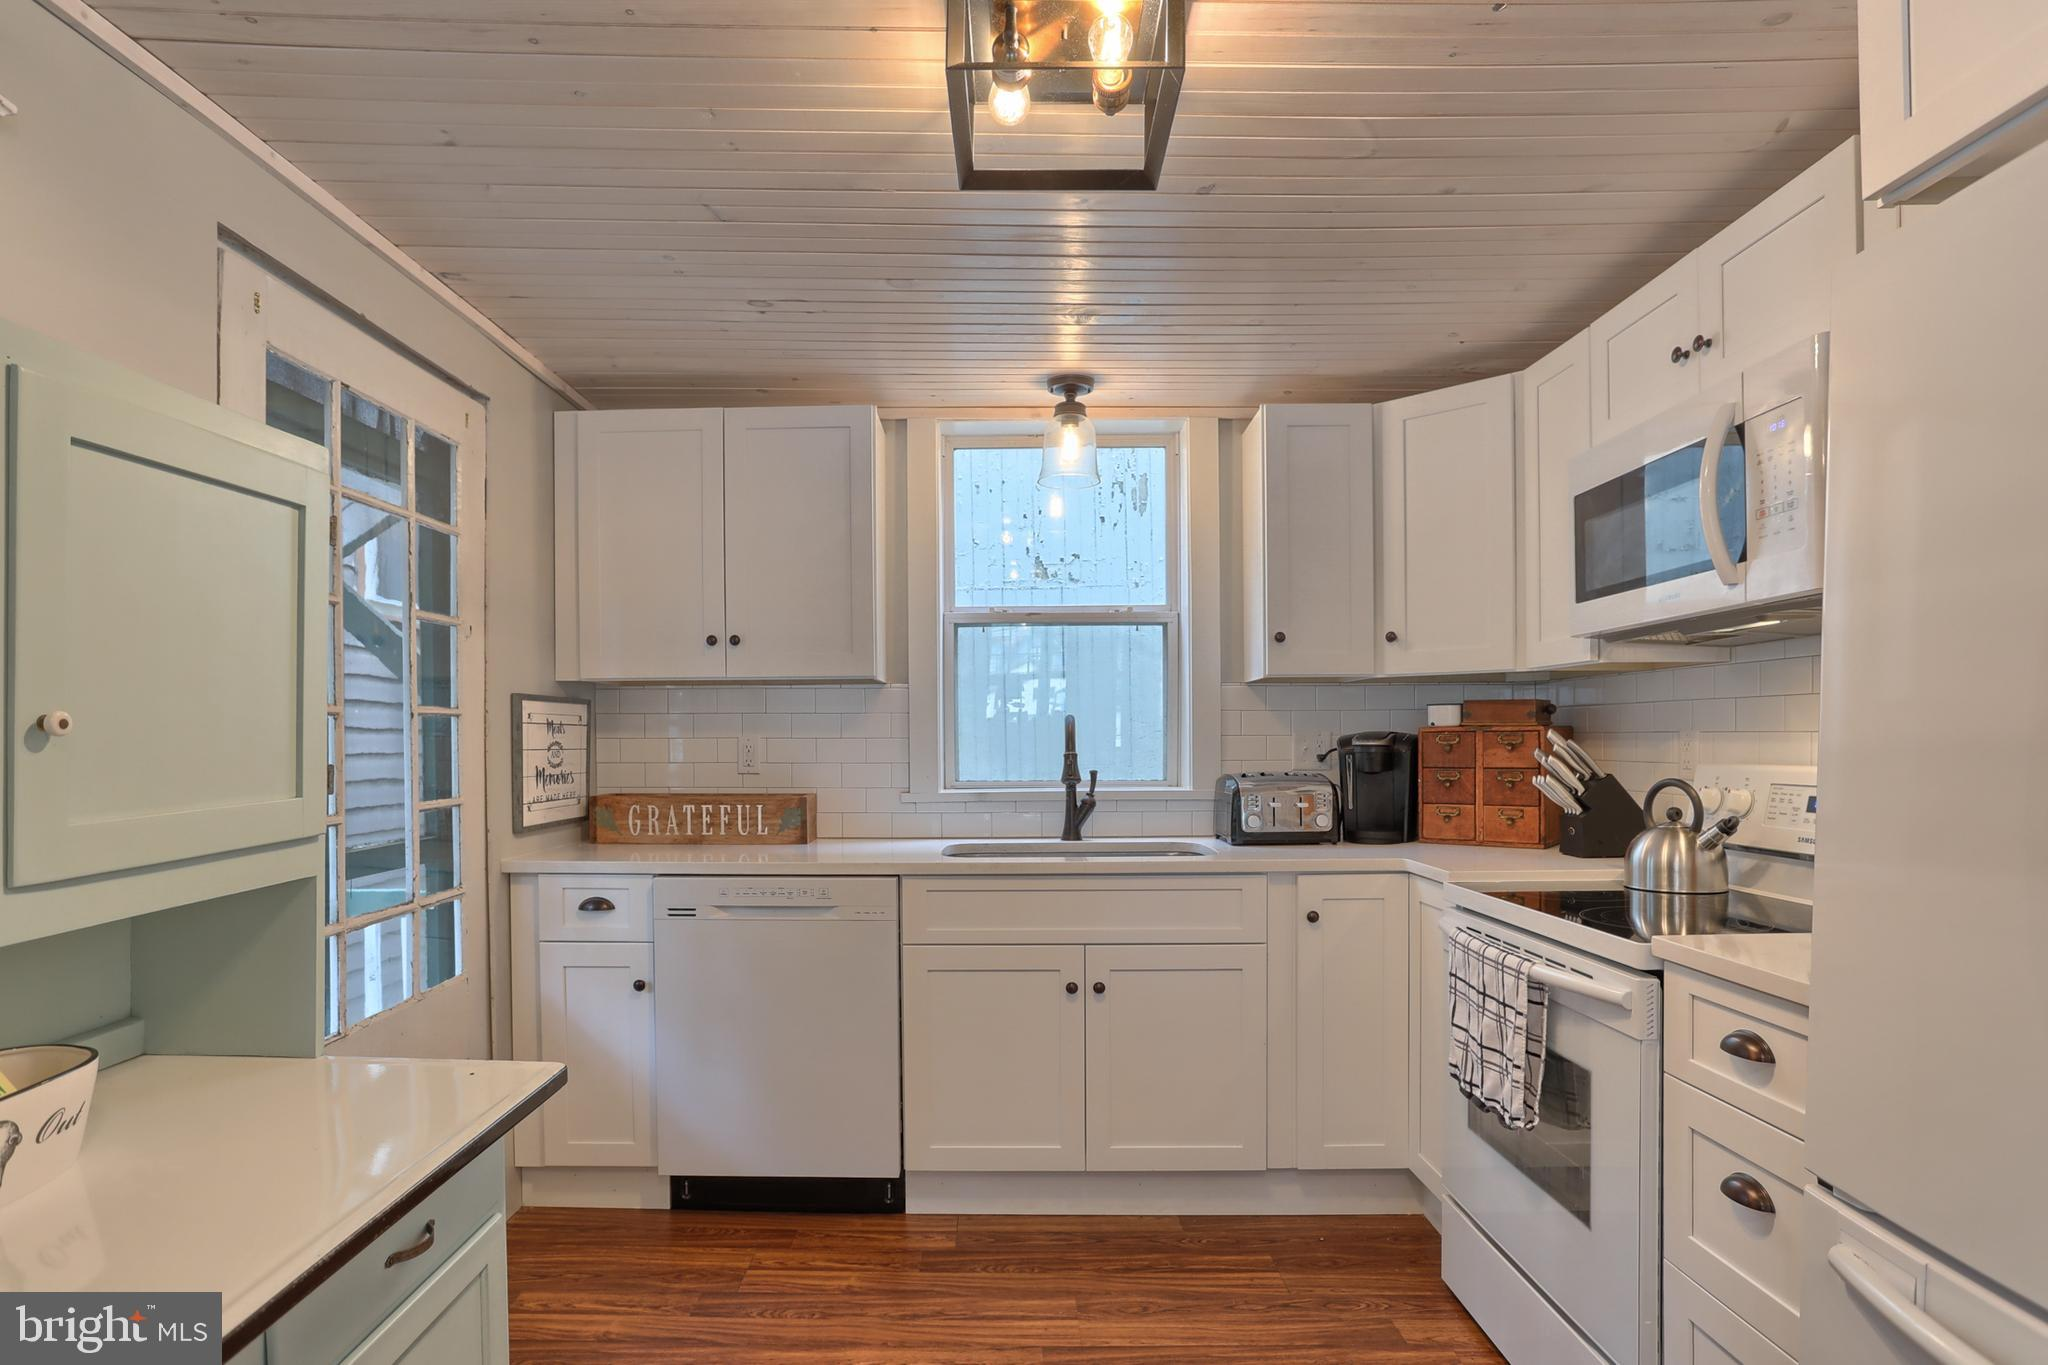 Dishwasher, Fridge, Stove and Microwave